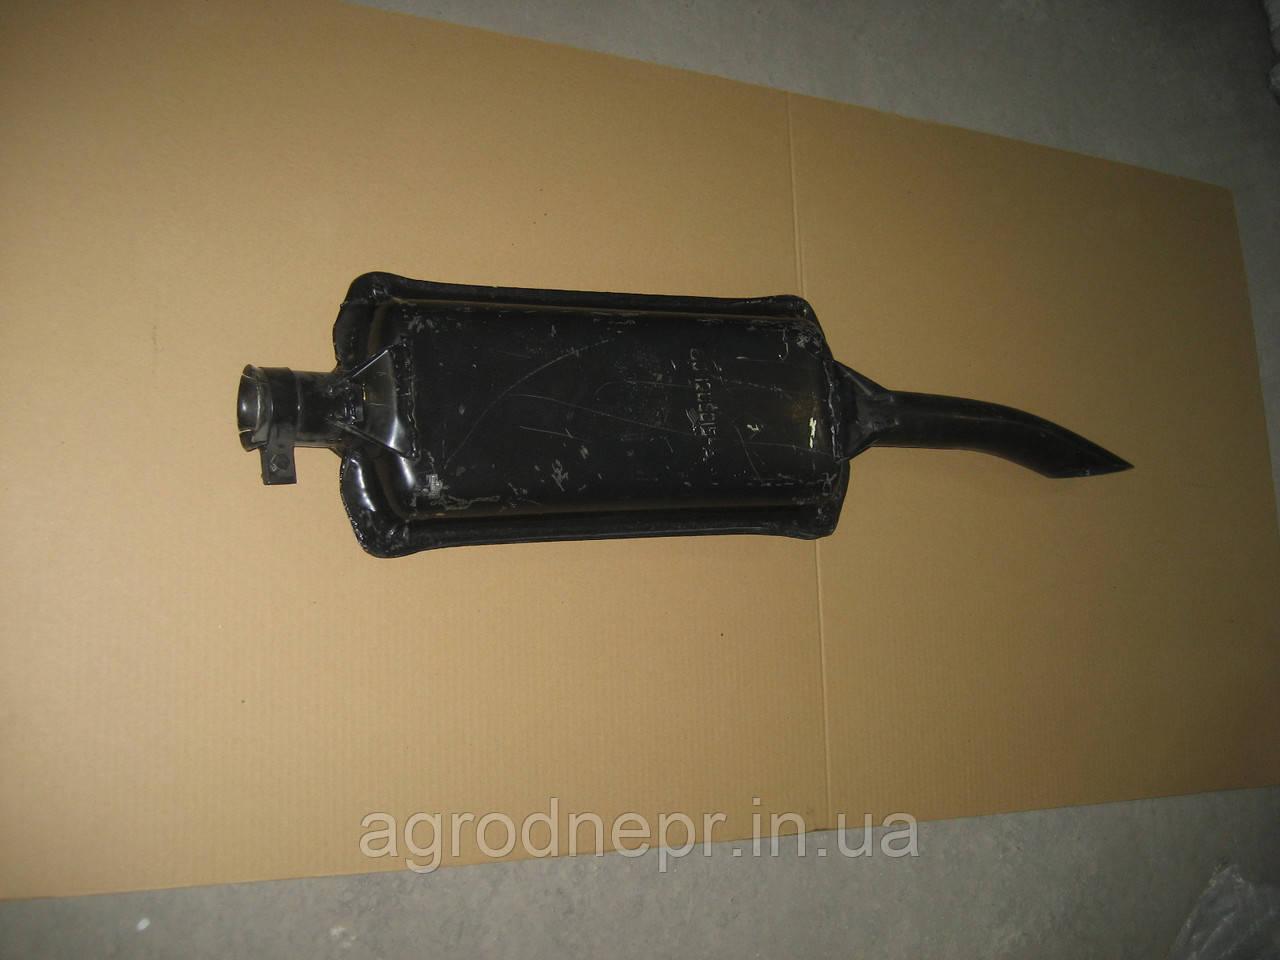 Глушитель МТЗ короткий 60-1205015